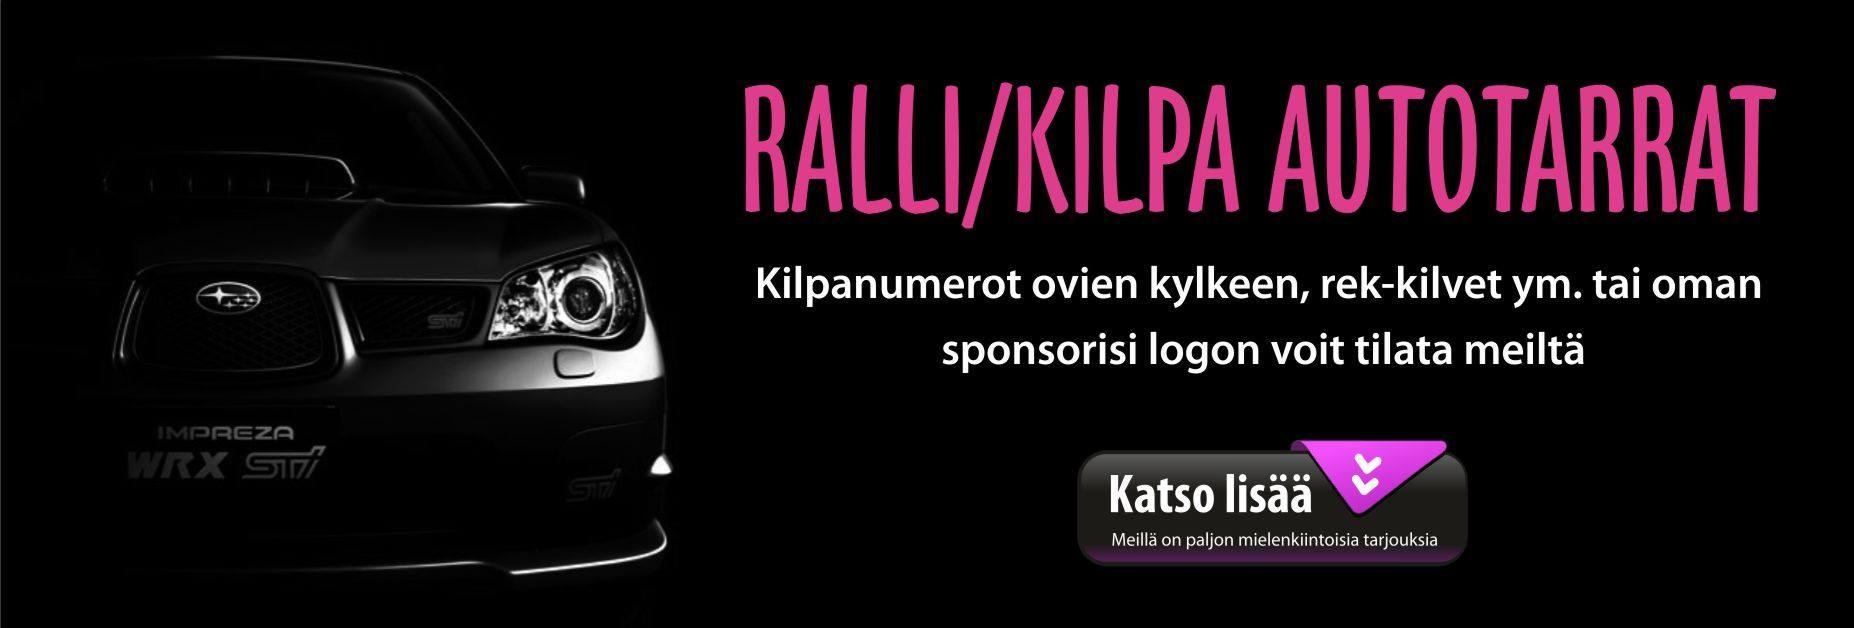 RALLI/KILPA-AUTON TARRAT-MAINOSTARRAT